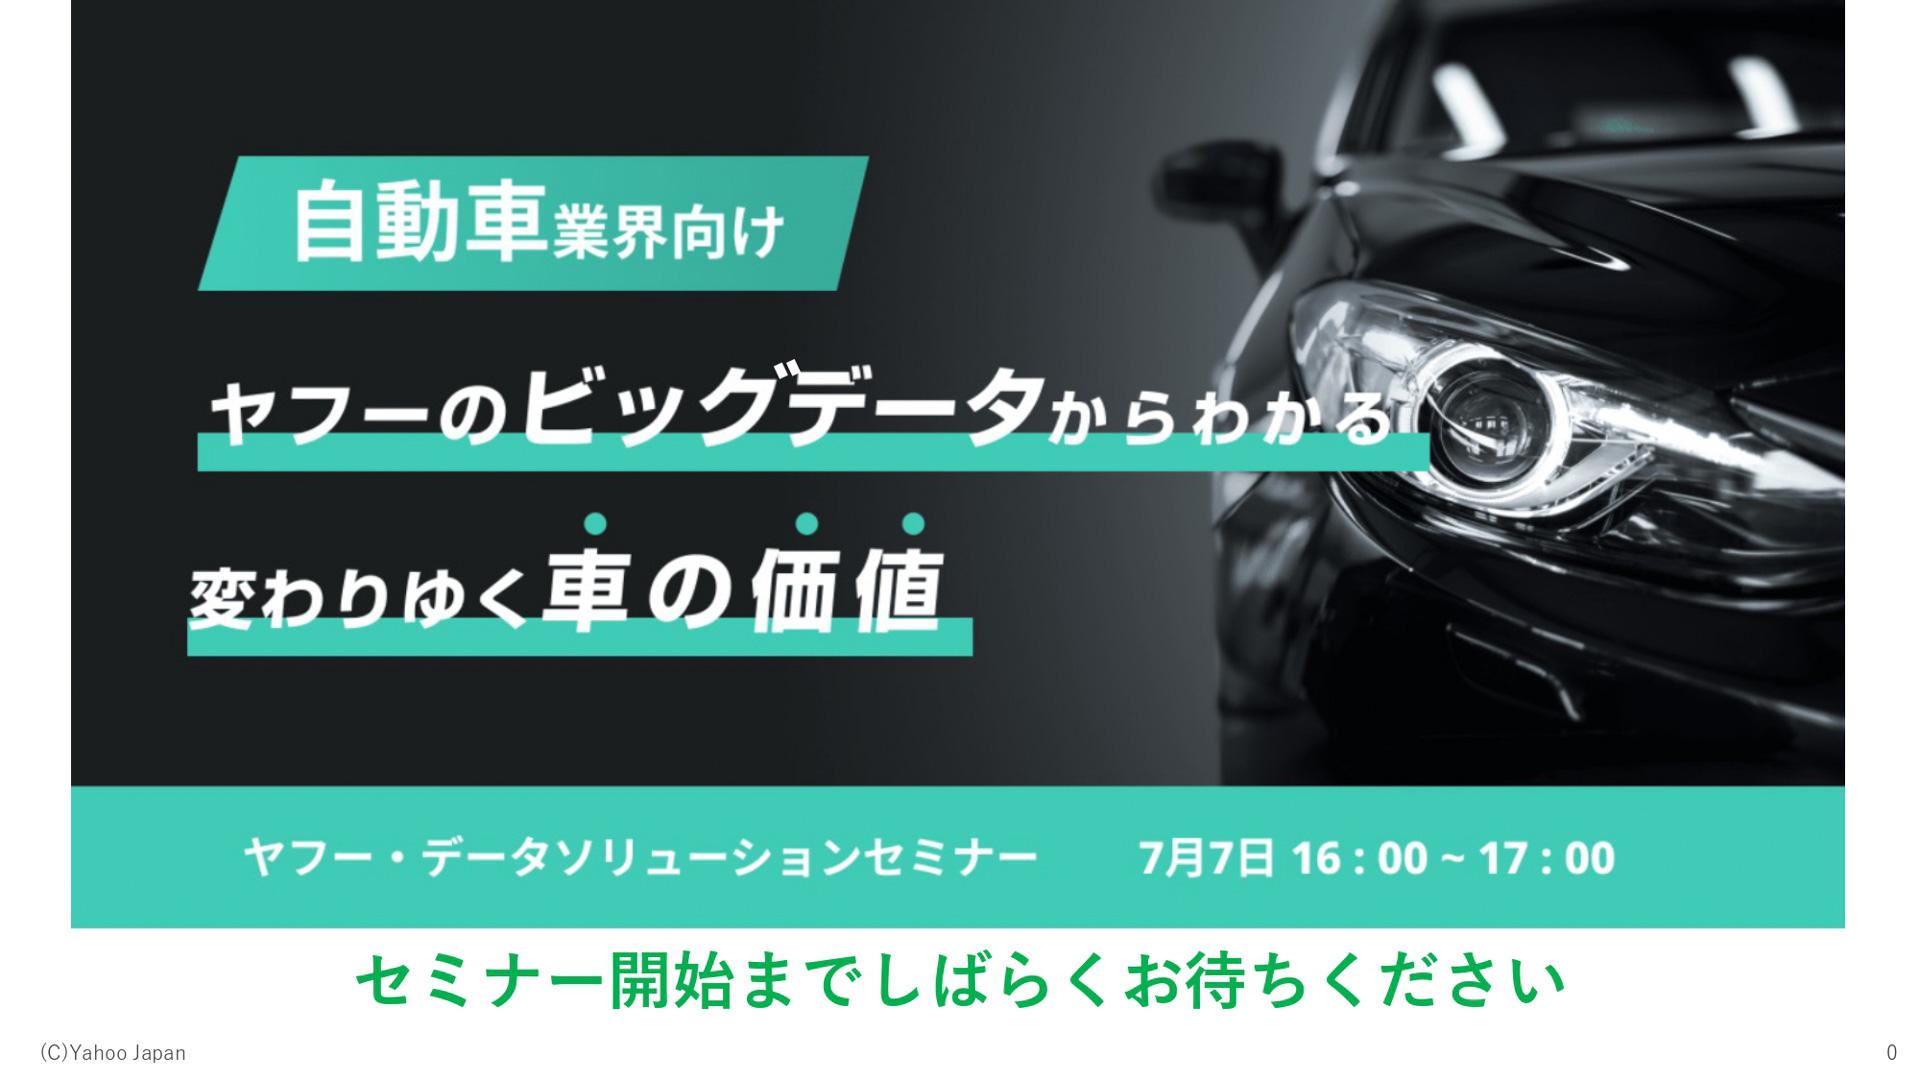 ヤフー株式会社 データソリューション事業本部 新庄匠氏による「自動車業界向けヤフー・データソリューションセミナー」